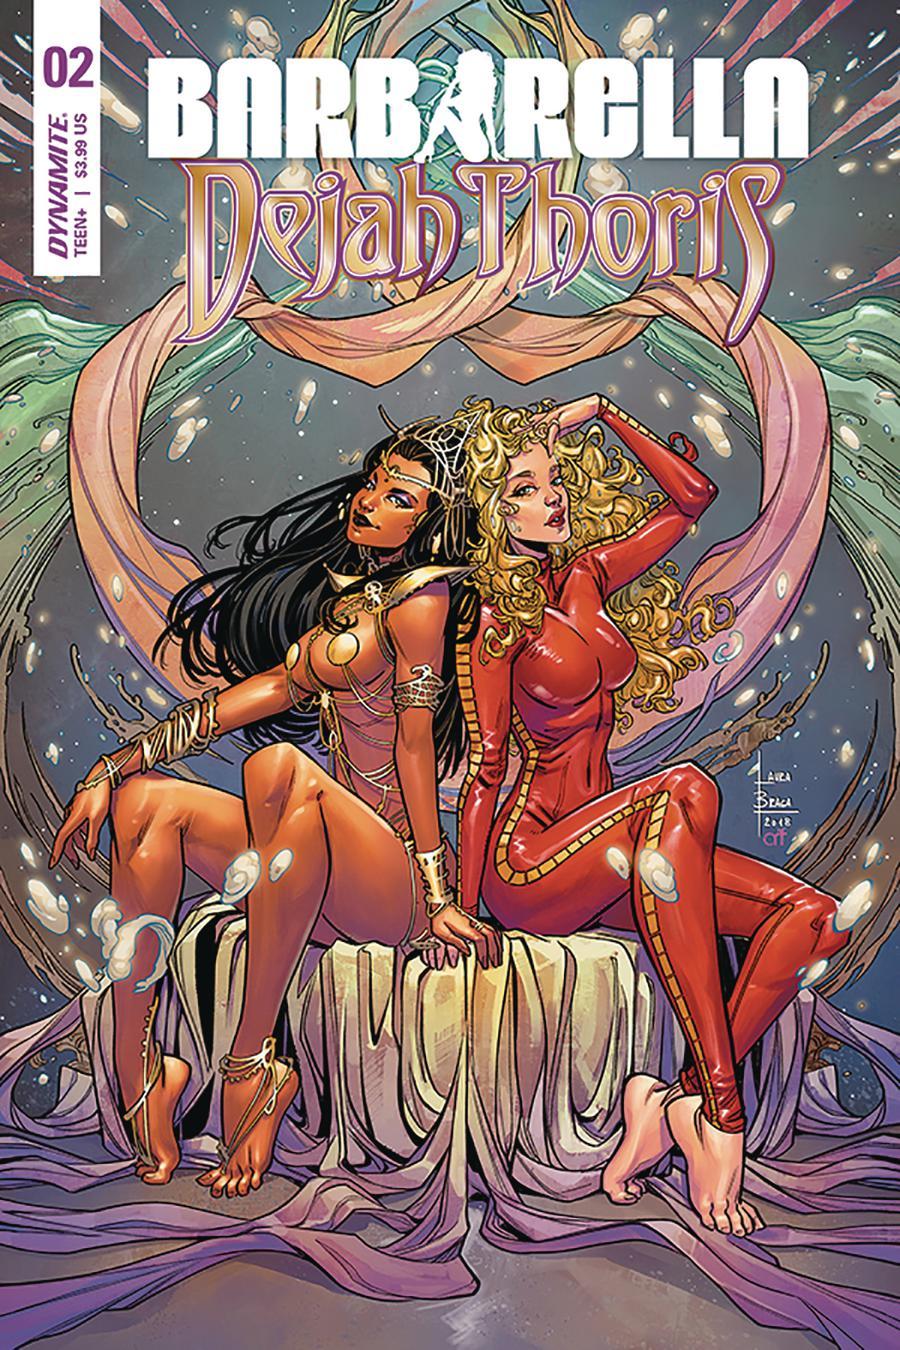 Barbarella Dejah Thoris #2 Cover A Regular Laura Braga Cover